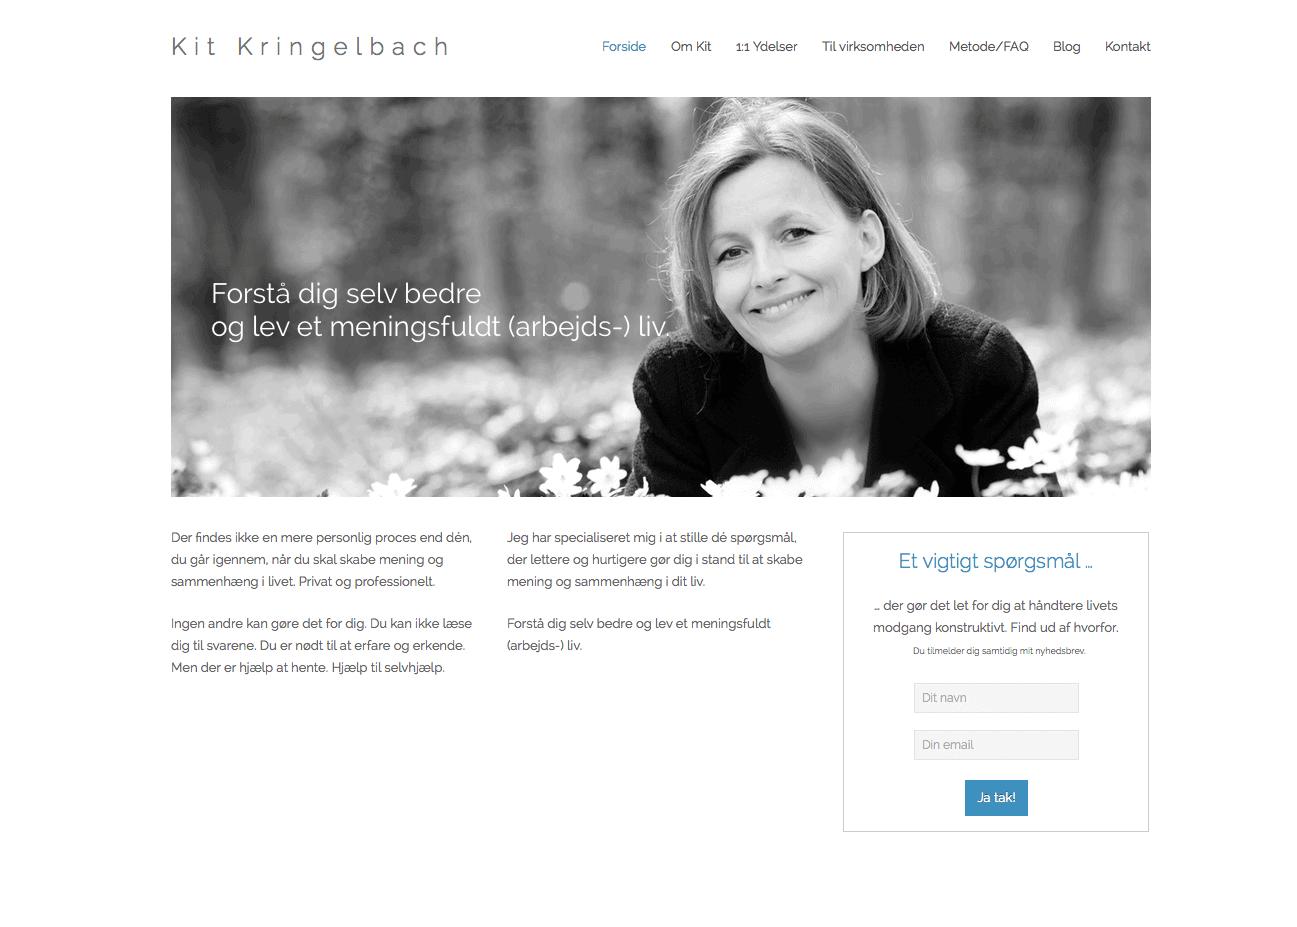 Bolette Obbekærs hjemmeside til Kit Kringelbach